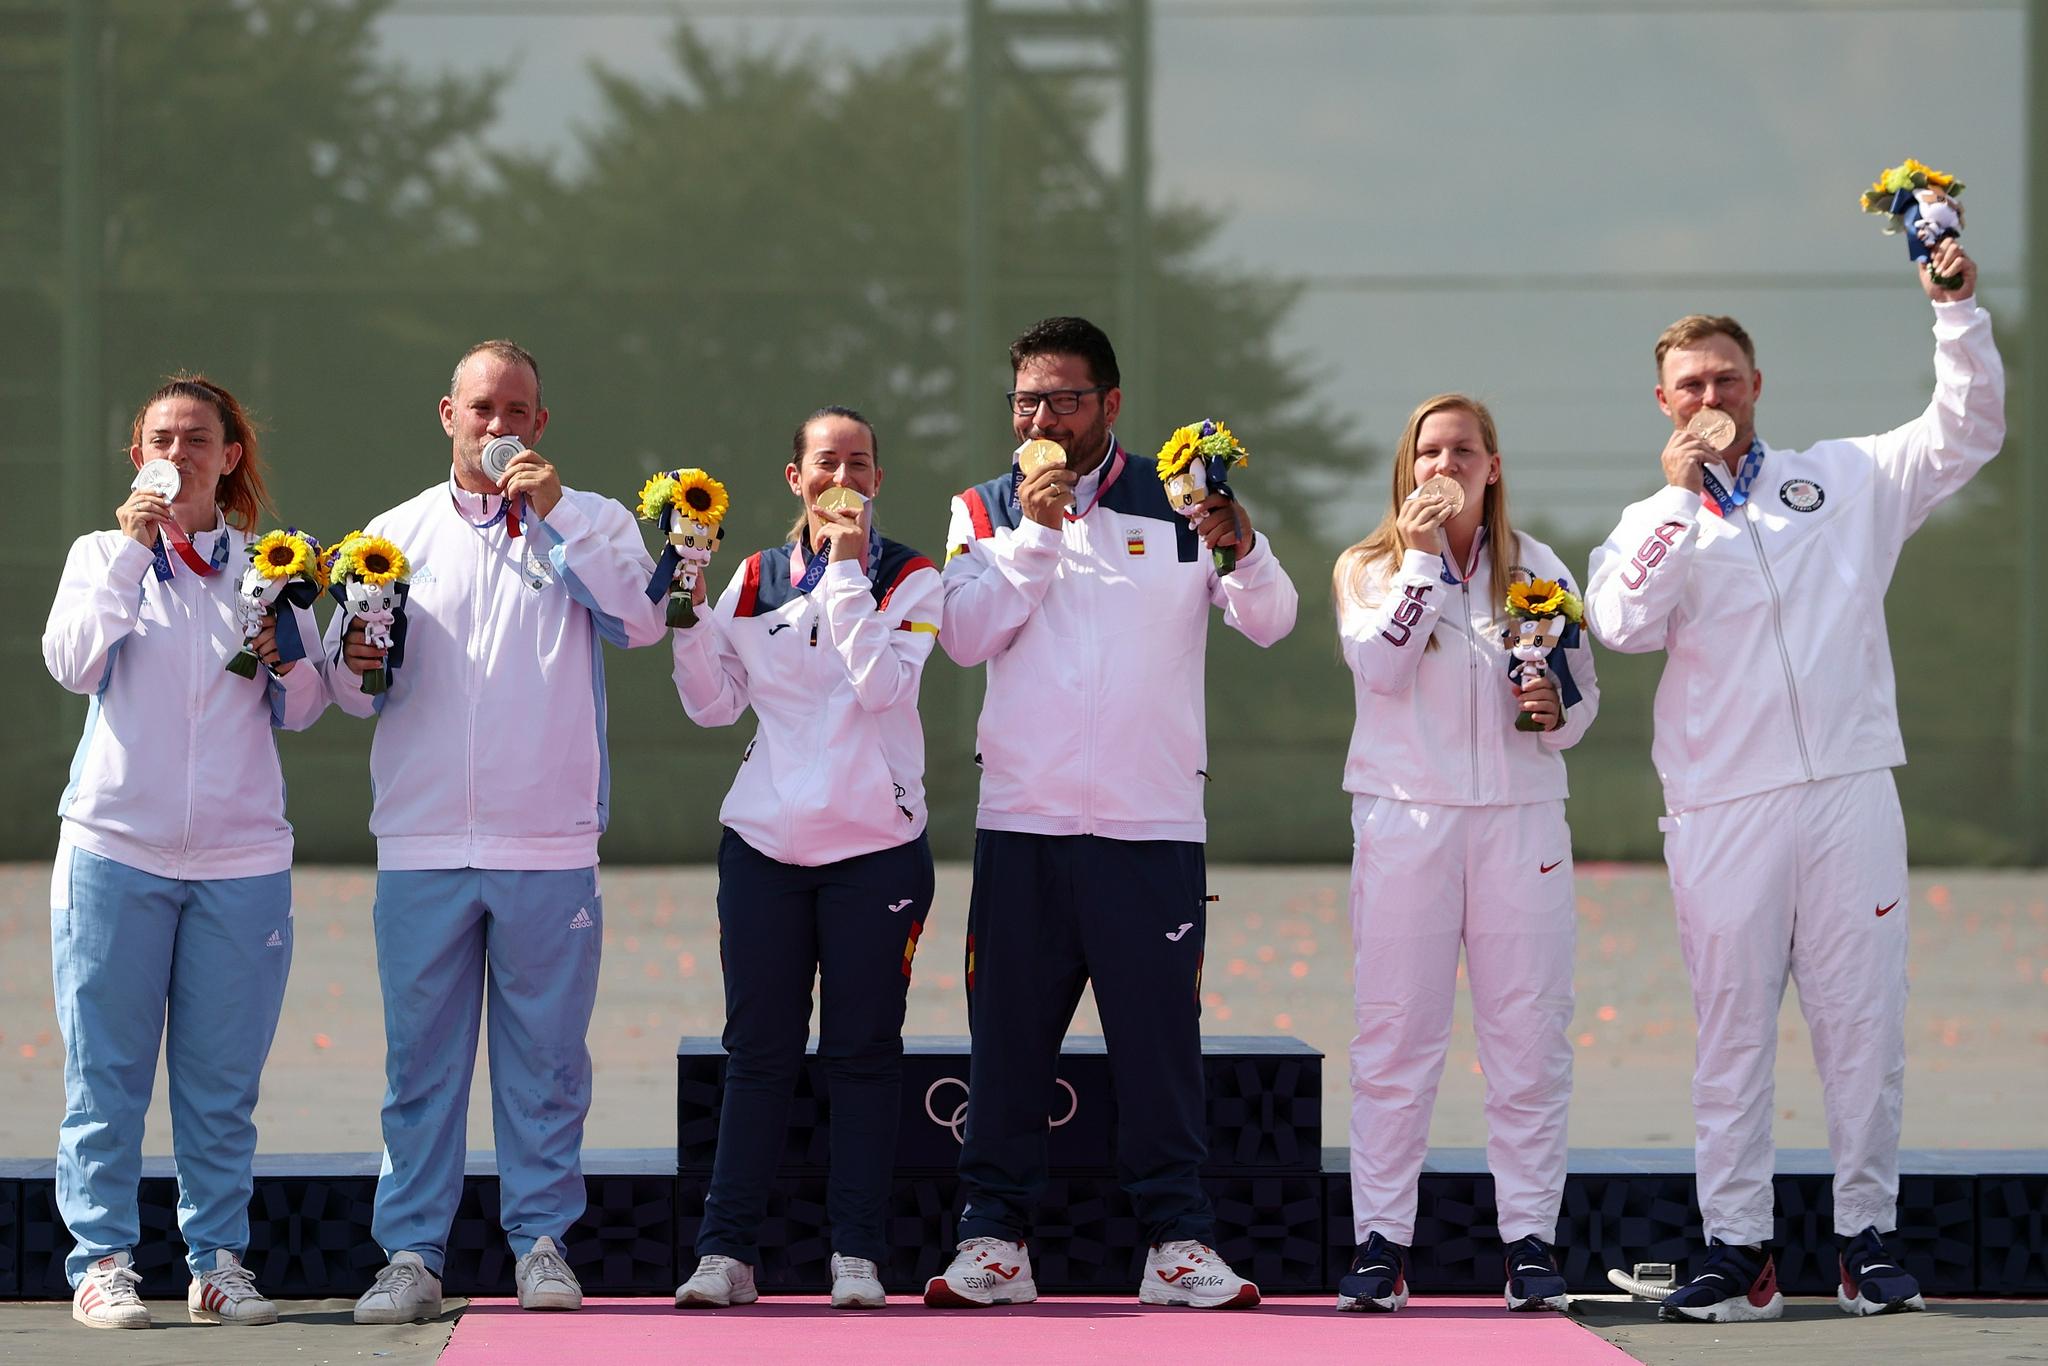 小国神迹还在继续,五人参赛的圣马力诺已获一银一铜,排名超过印度……